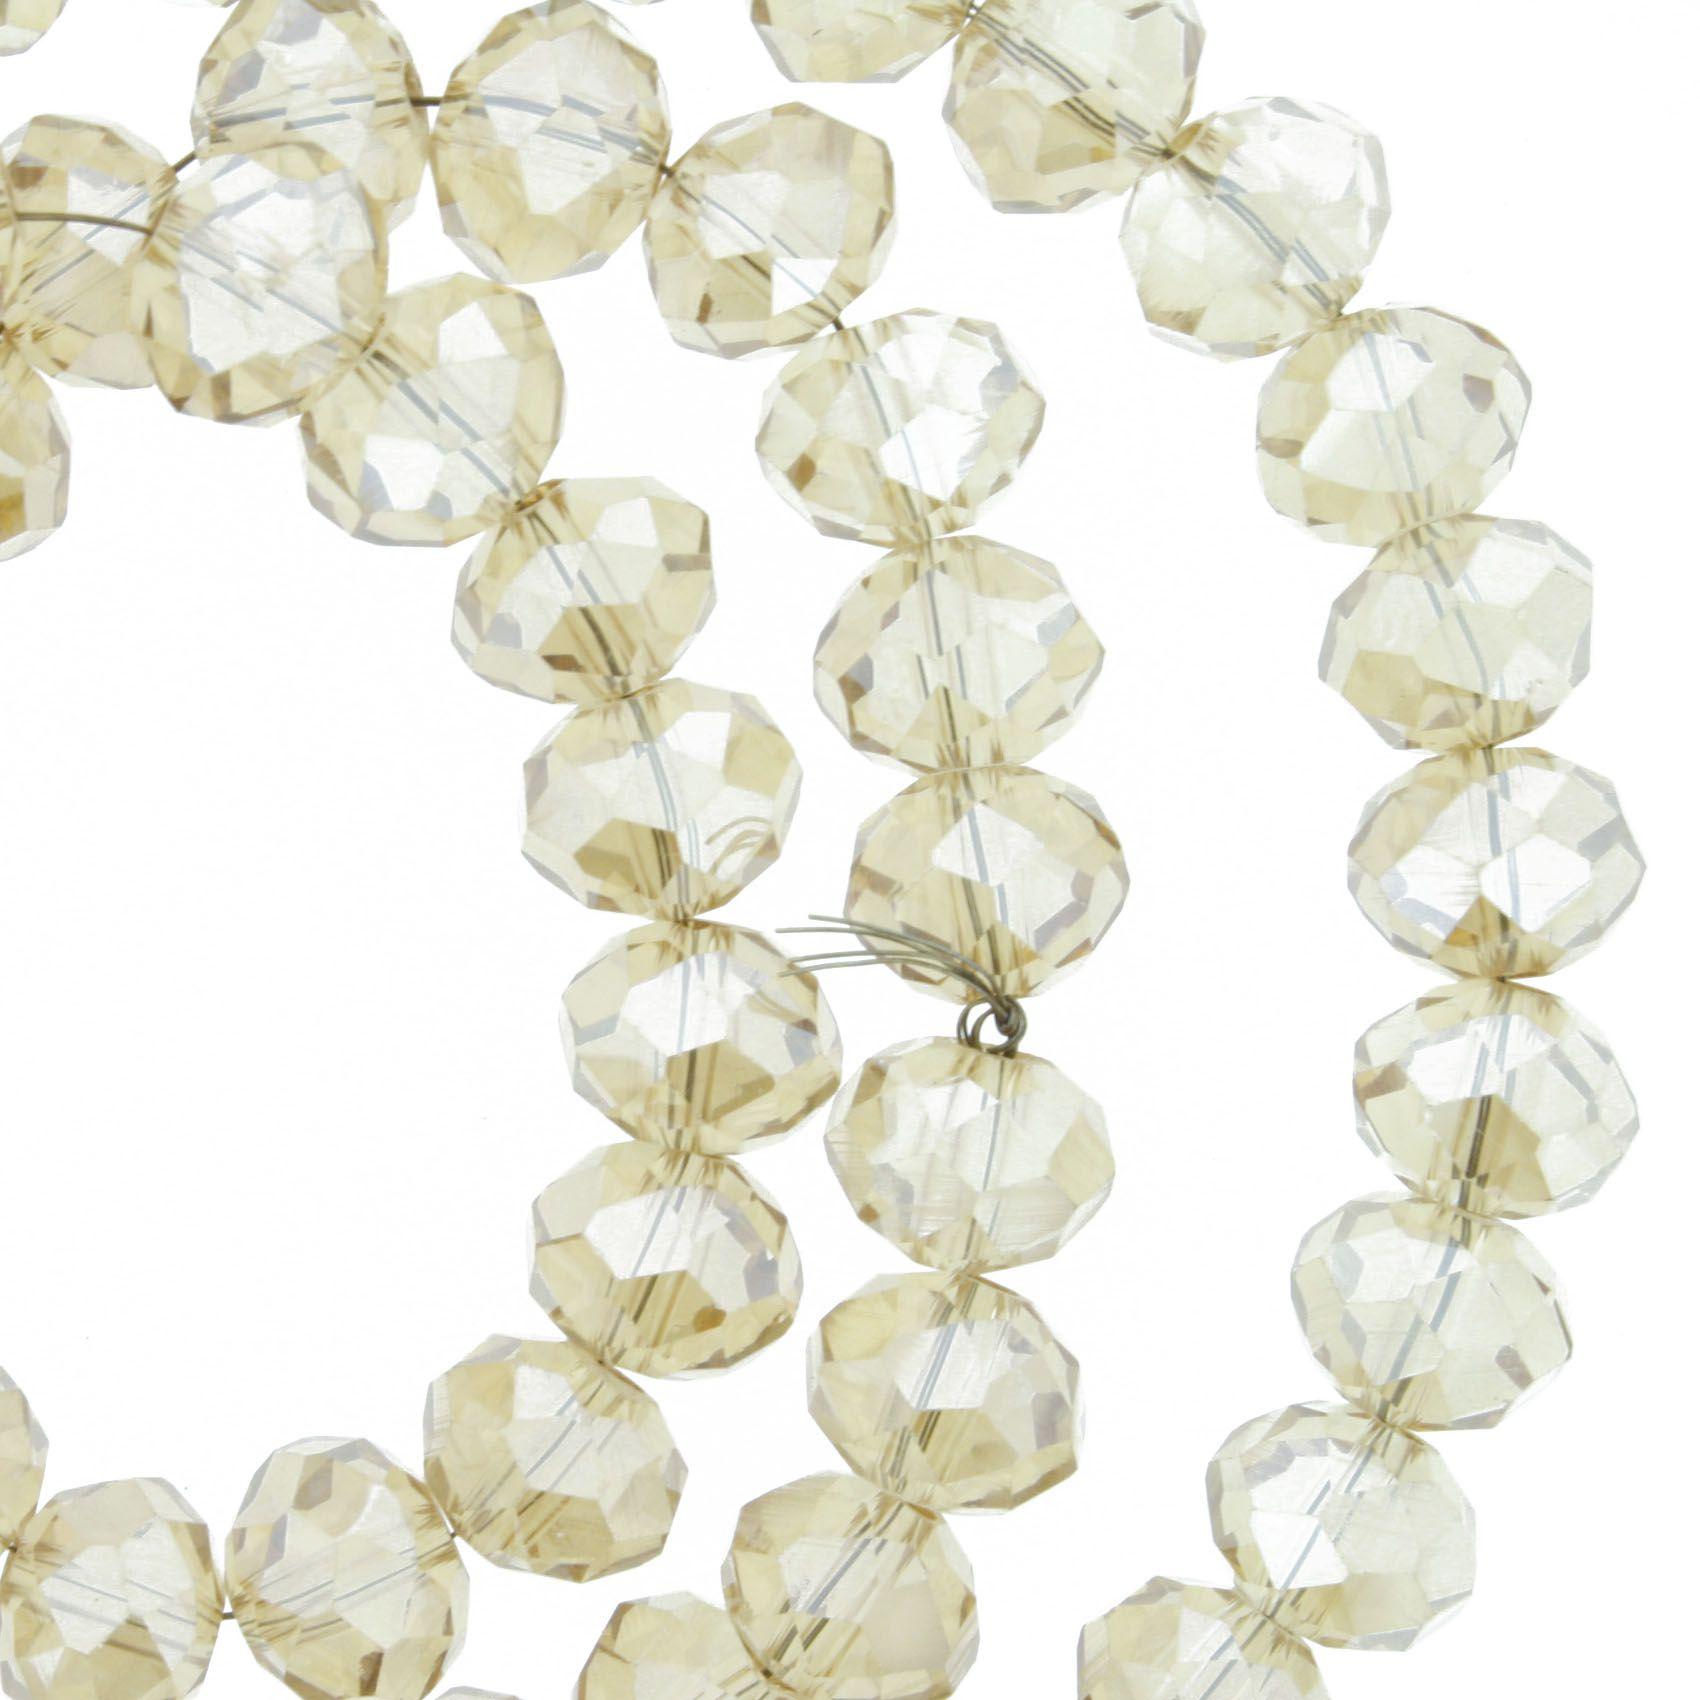 Fio de Cristal - Flat® - Bege Irizado Transparente - 8mm  - Stéphanie Bijoux® - Peças para Bijuterias e Artesanato